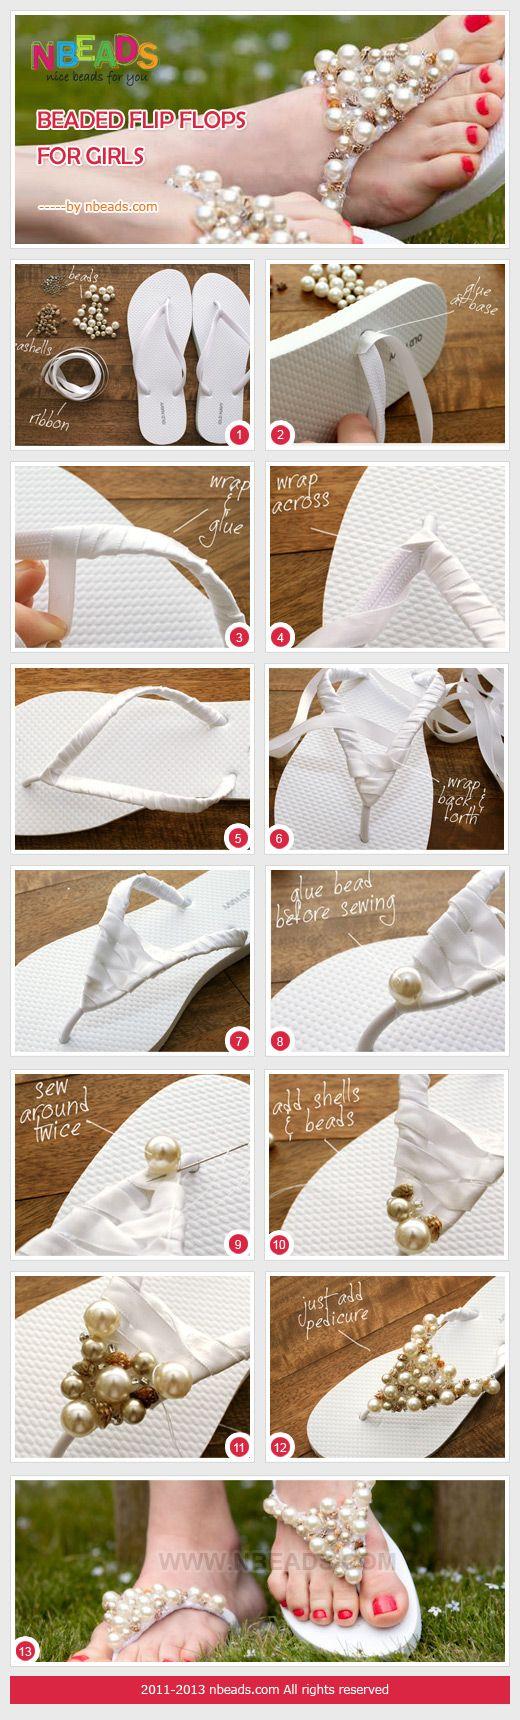 beaded flip flops for girls